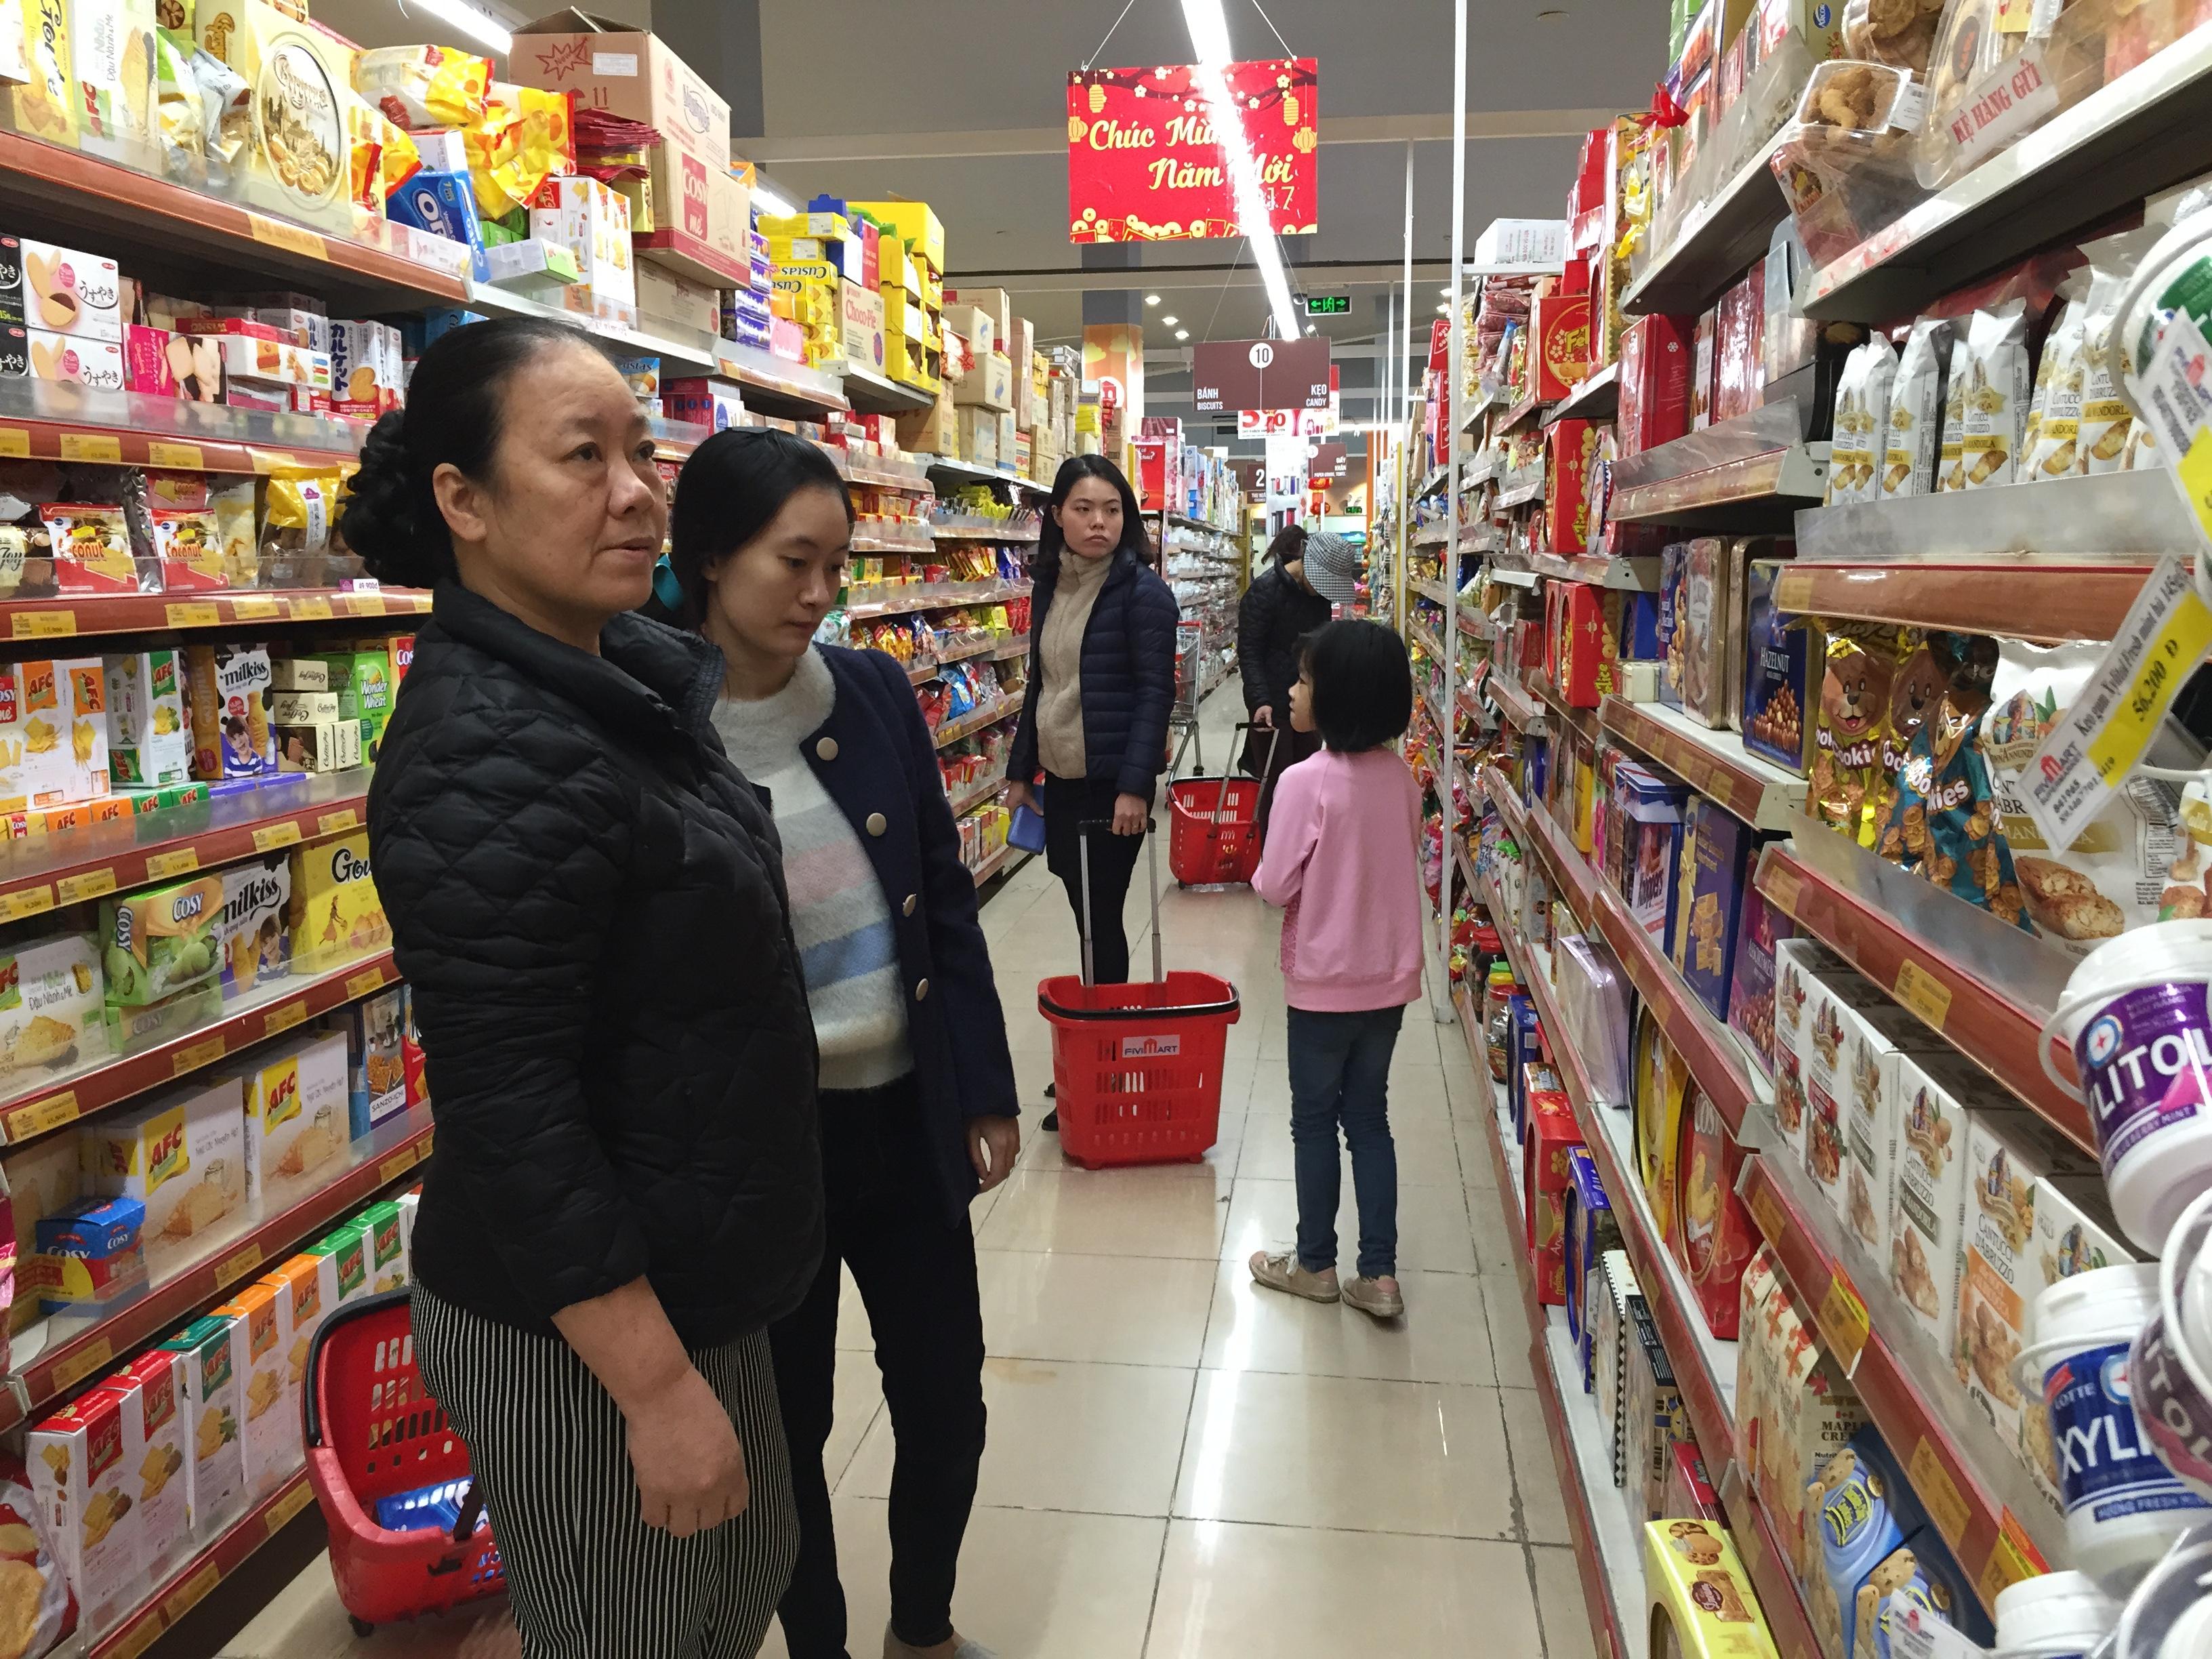 Vĩnh Phúc: Doanh thu bán lẻ hàng hóa, dịch vụ tiêu dùng 9 tháng năm 2017 tăng gần 12%